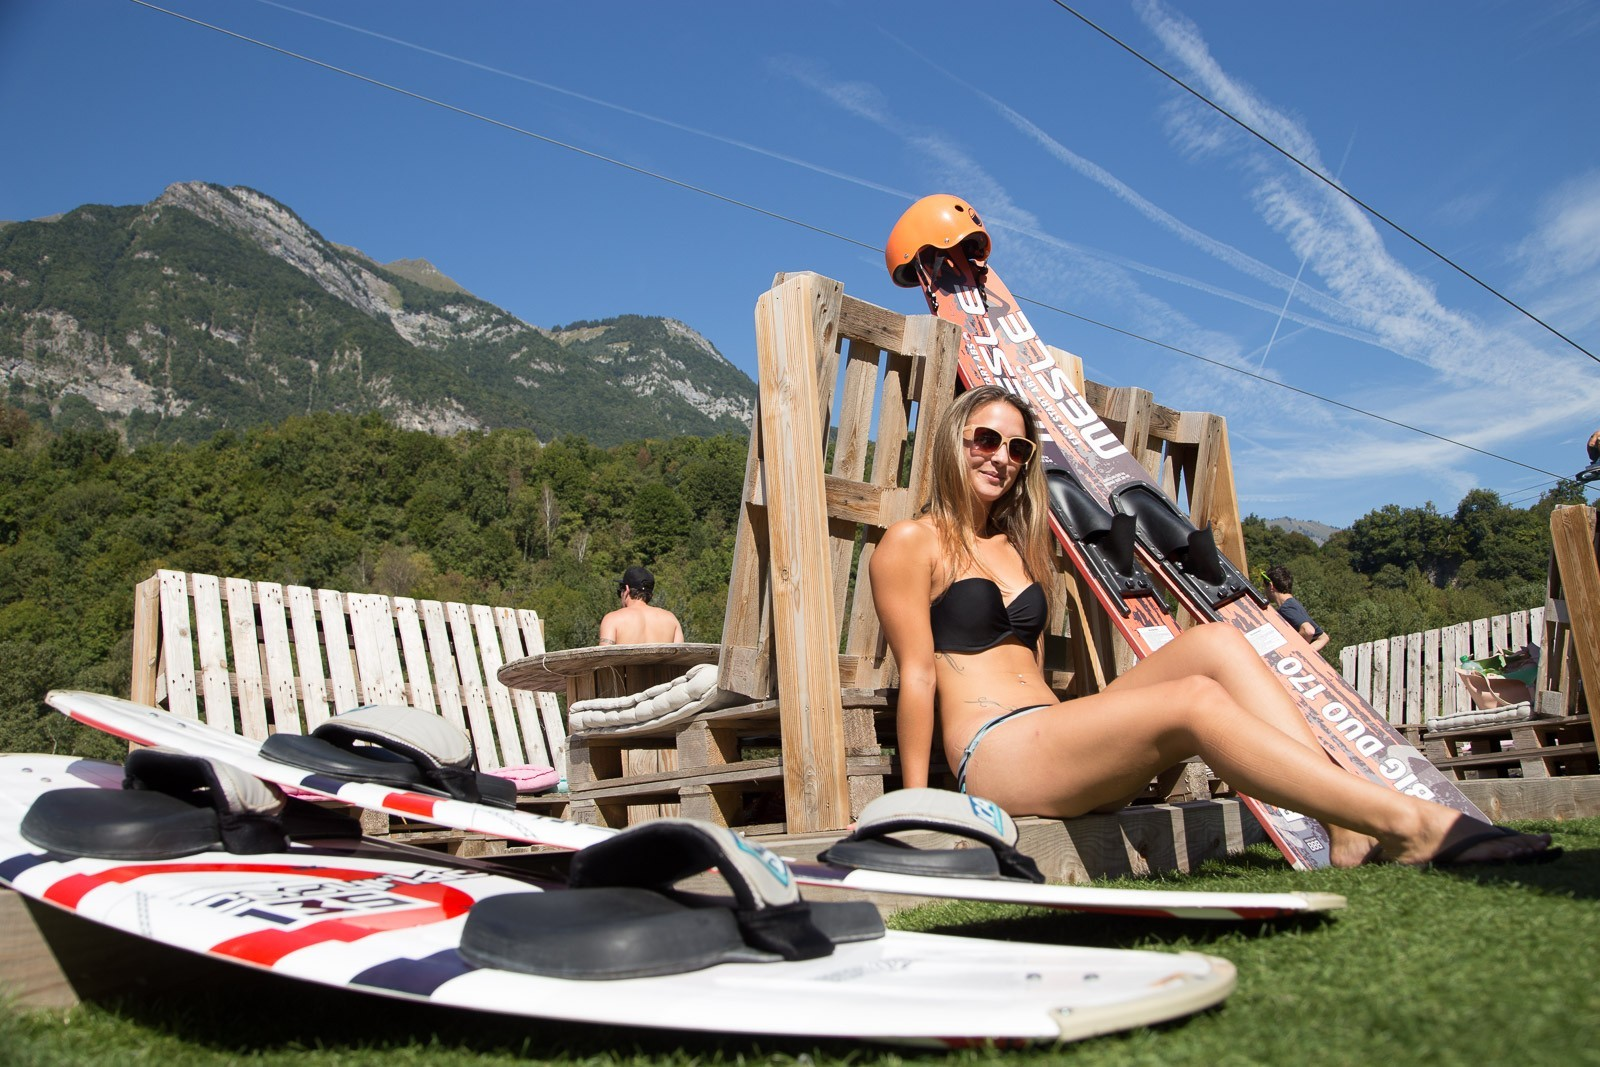 Die Basis Unterhaltung WAM 73 | Wakeboard , Wasserski, Kneeboard , Wakeskate Wakeski . Wassersport in Savoie, in der Nähe von Annecy, Albertville , Chambéry, Grenoble und Lyon